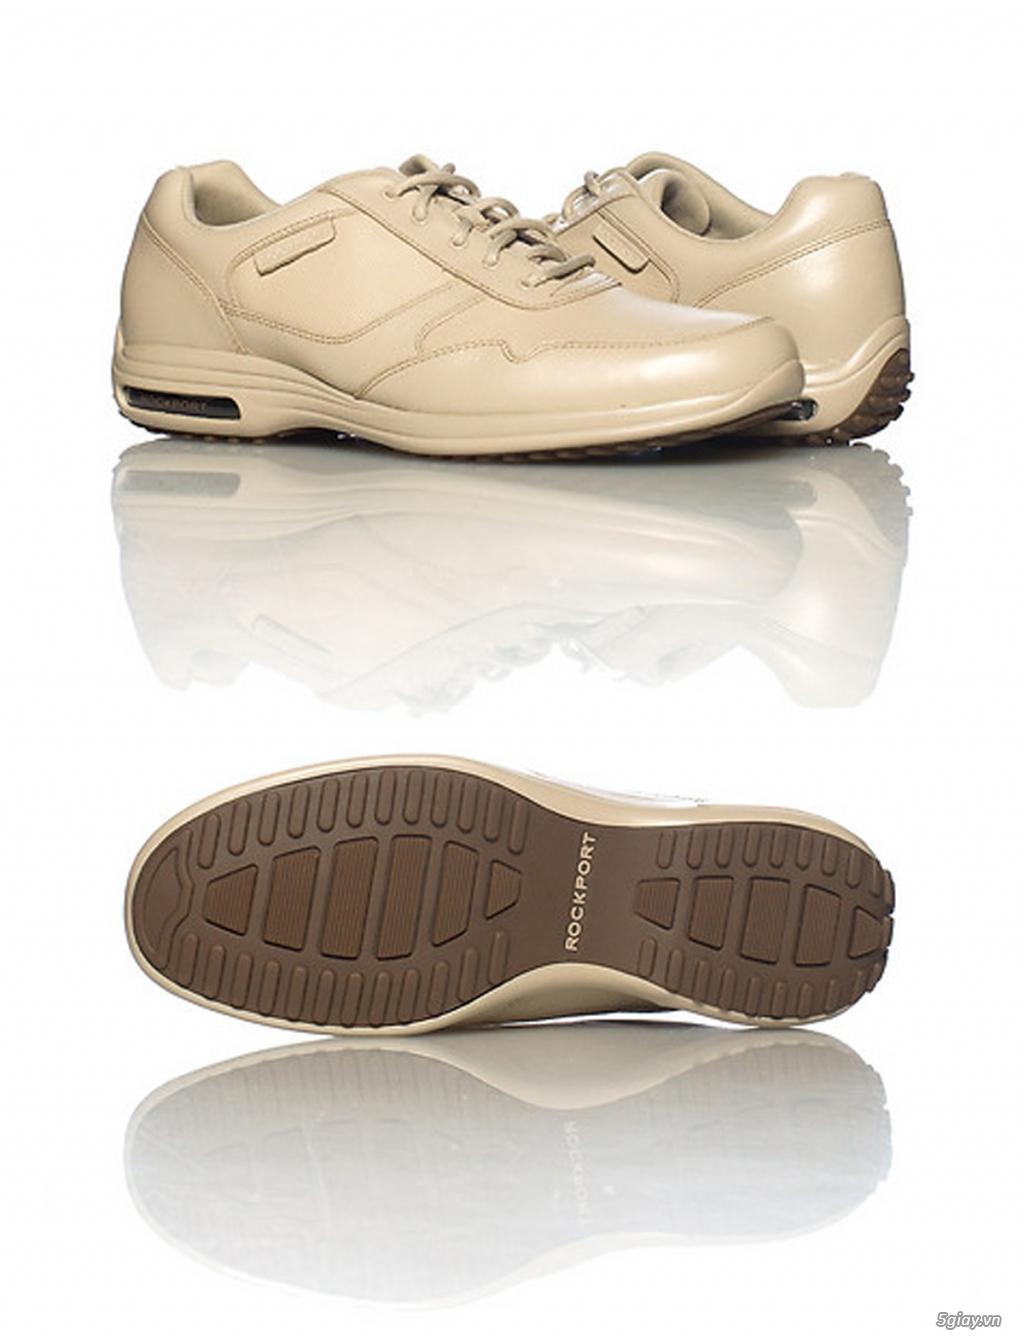 Giày dép hàng hiệu - xách tay 100% từ mỹ - 8